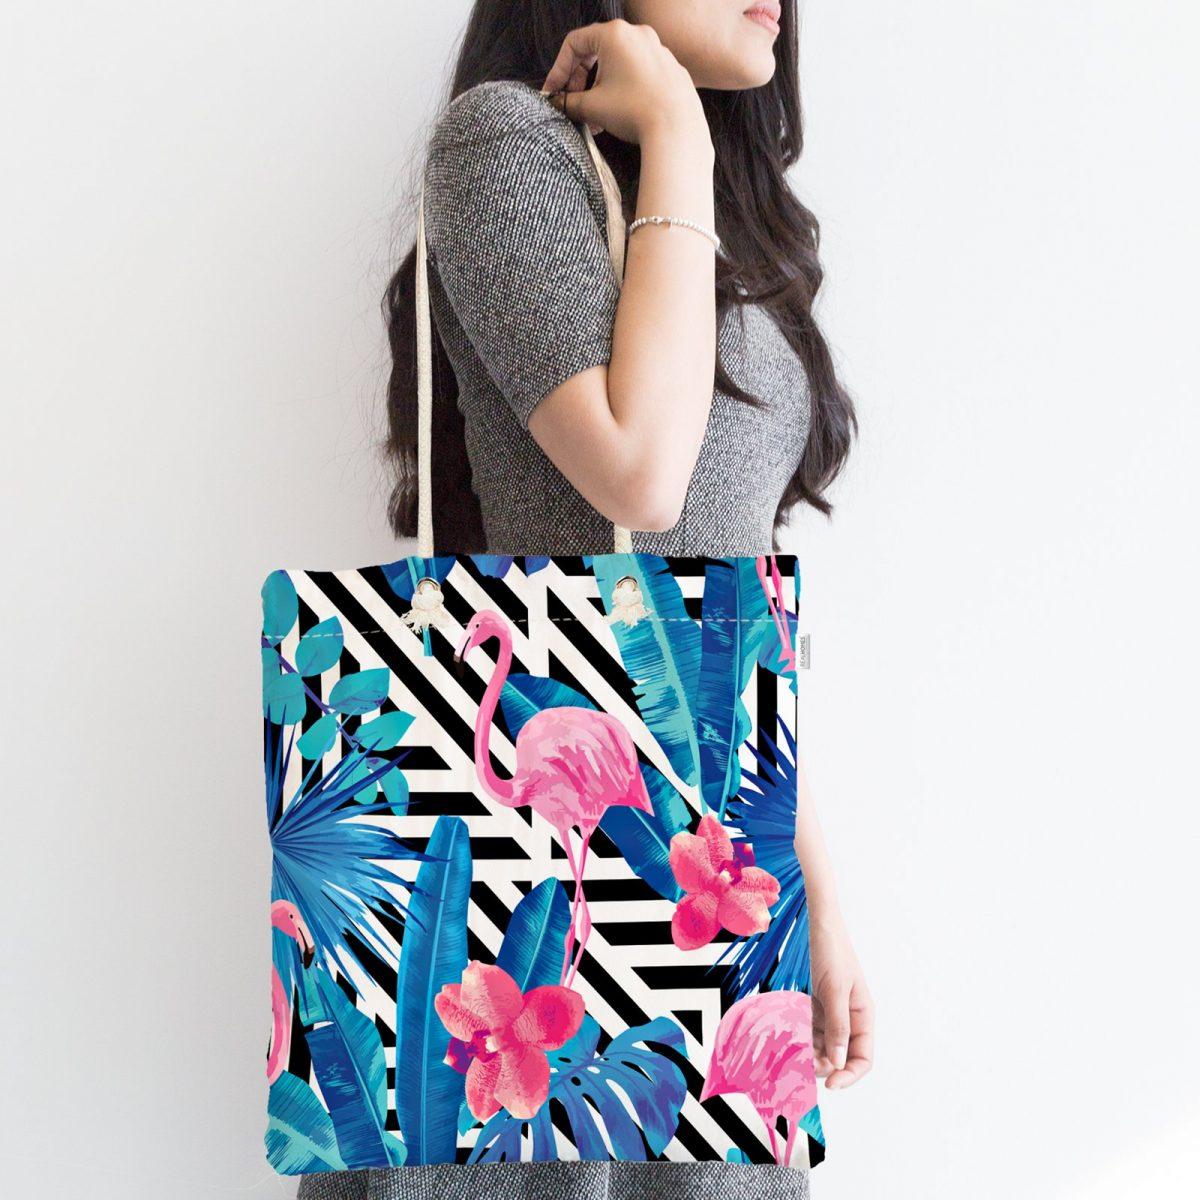 Geometrik Mavi Pempe Flamingo Tasarımlı Dijital Baskılı Fermuarlı Kumaş Çanta Realhomes